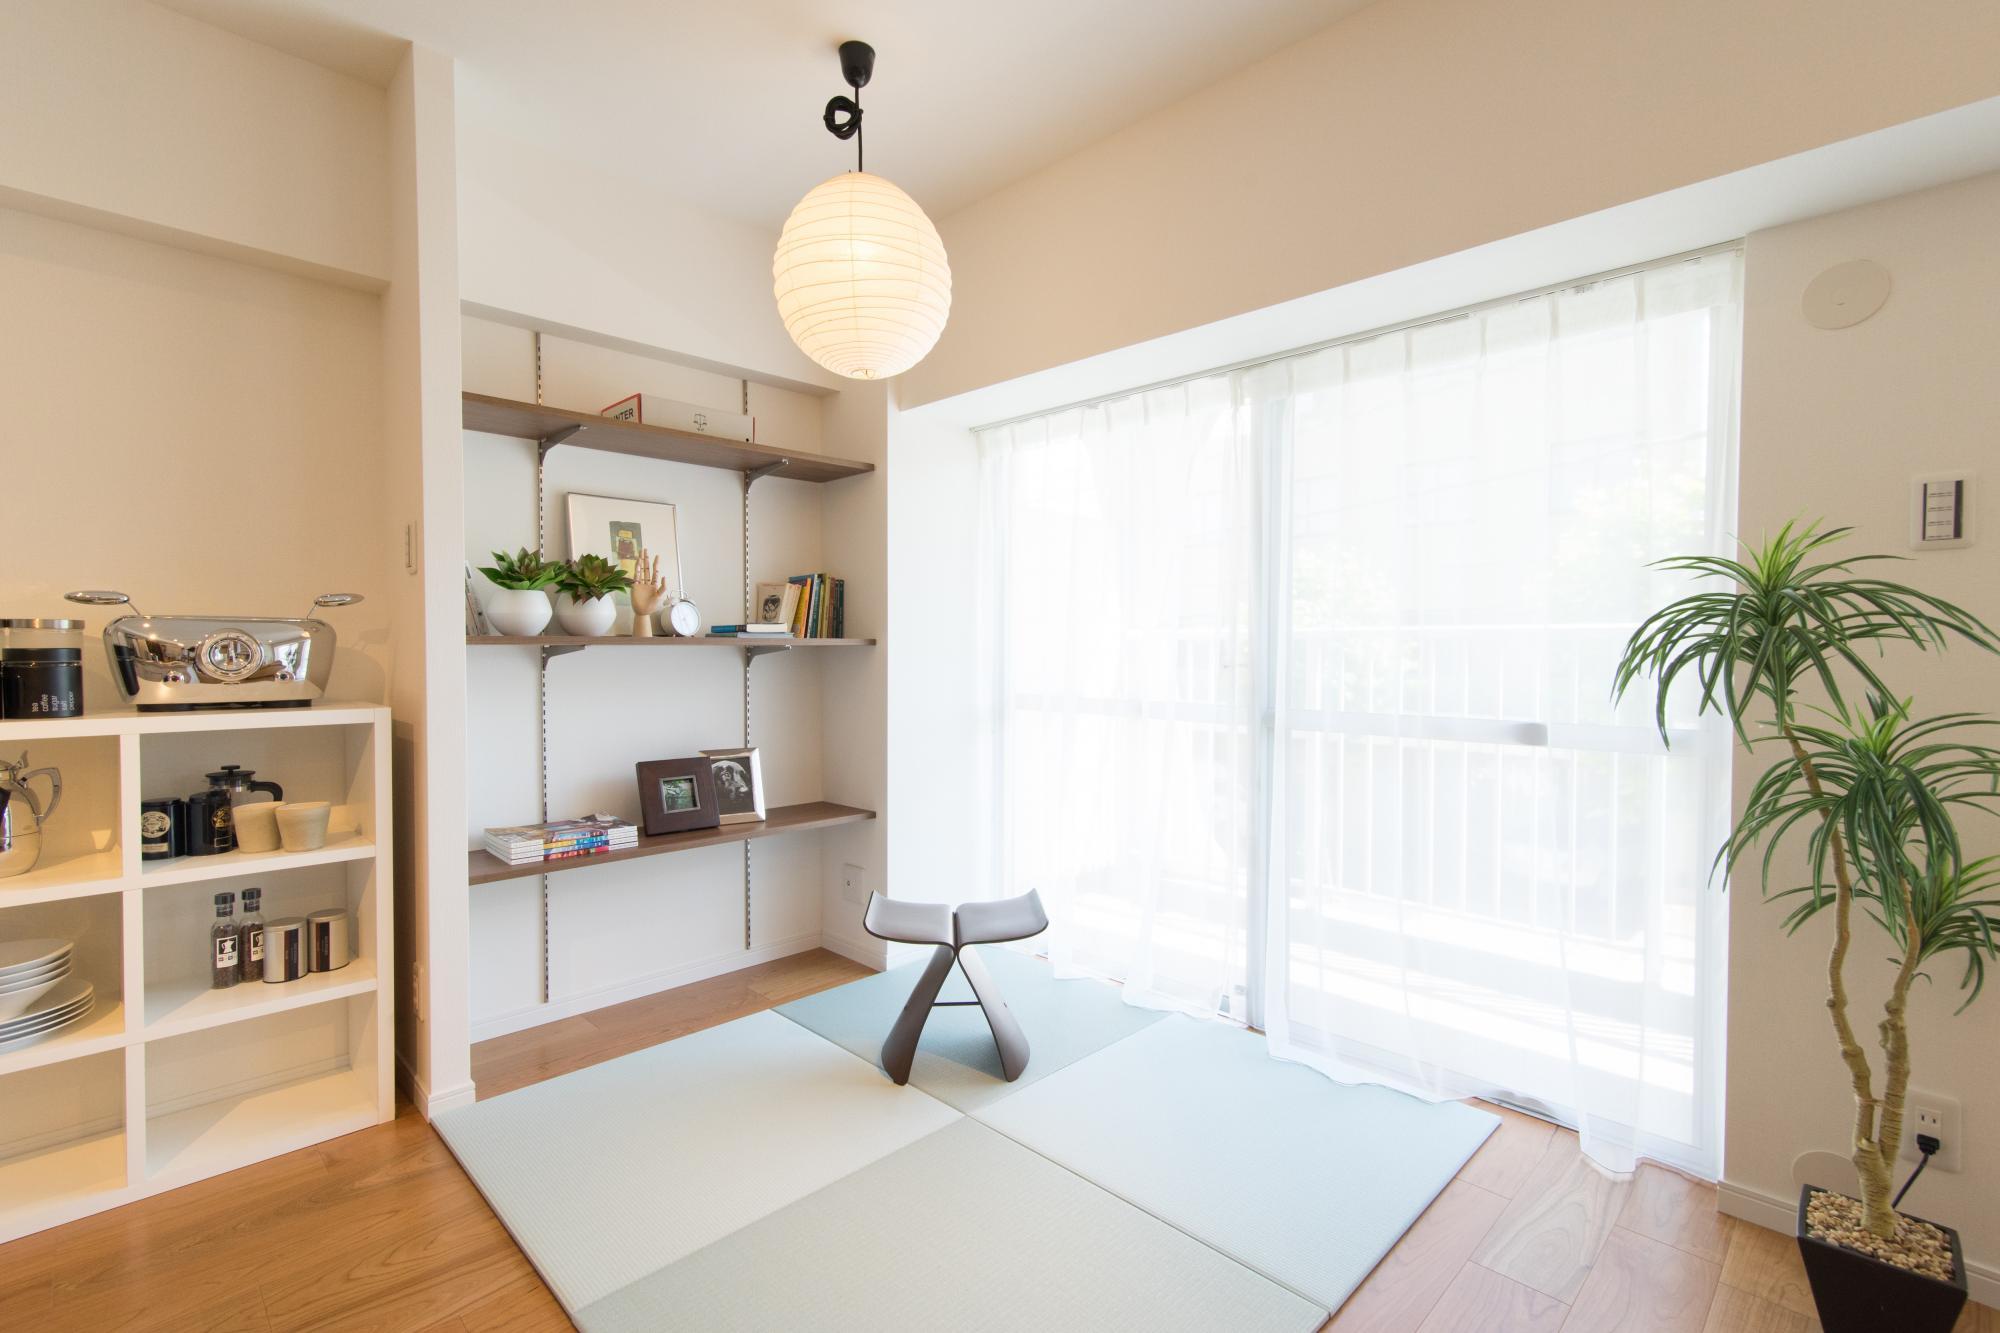 お茶を嗜むF様。リビングの脇に小さな畳スペースを造りました。F様ご自身で選んだ和紙と竹ひごの和風照明が雰囲気を醸し出しています。置き畳なので自由に動かせるのもポイント。